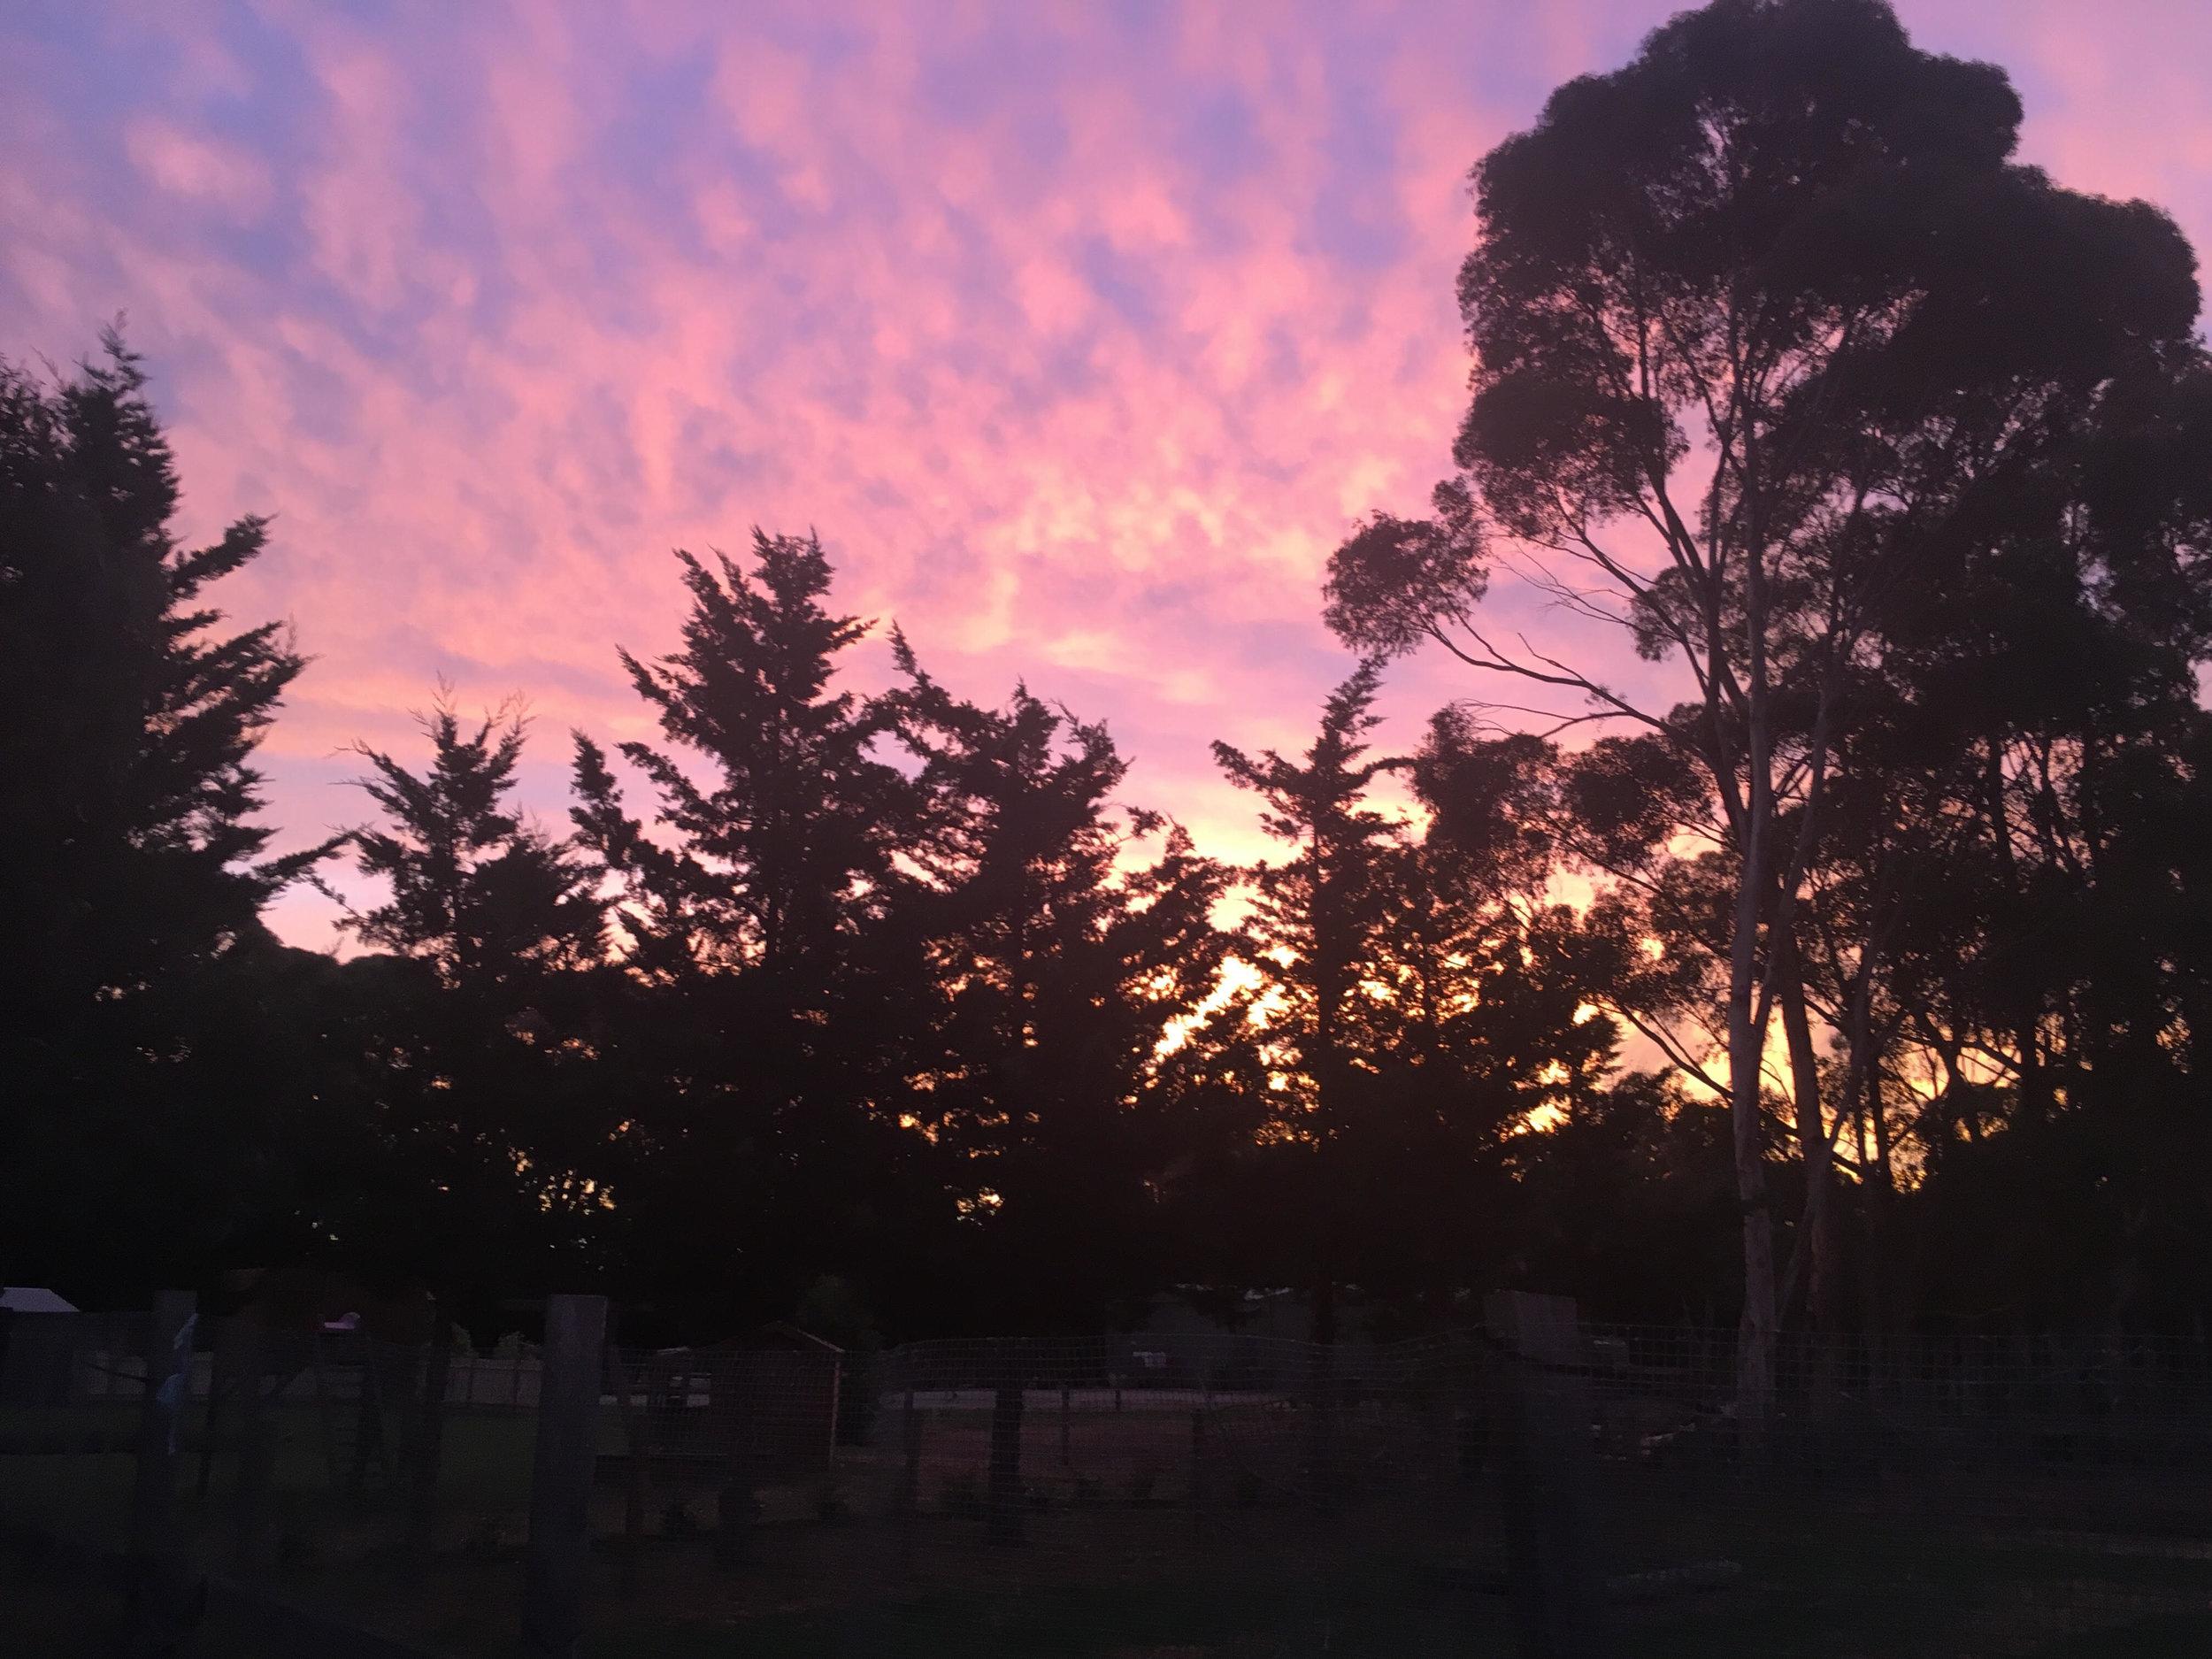 Pakenham sunset. Divine.